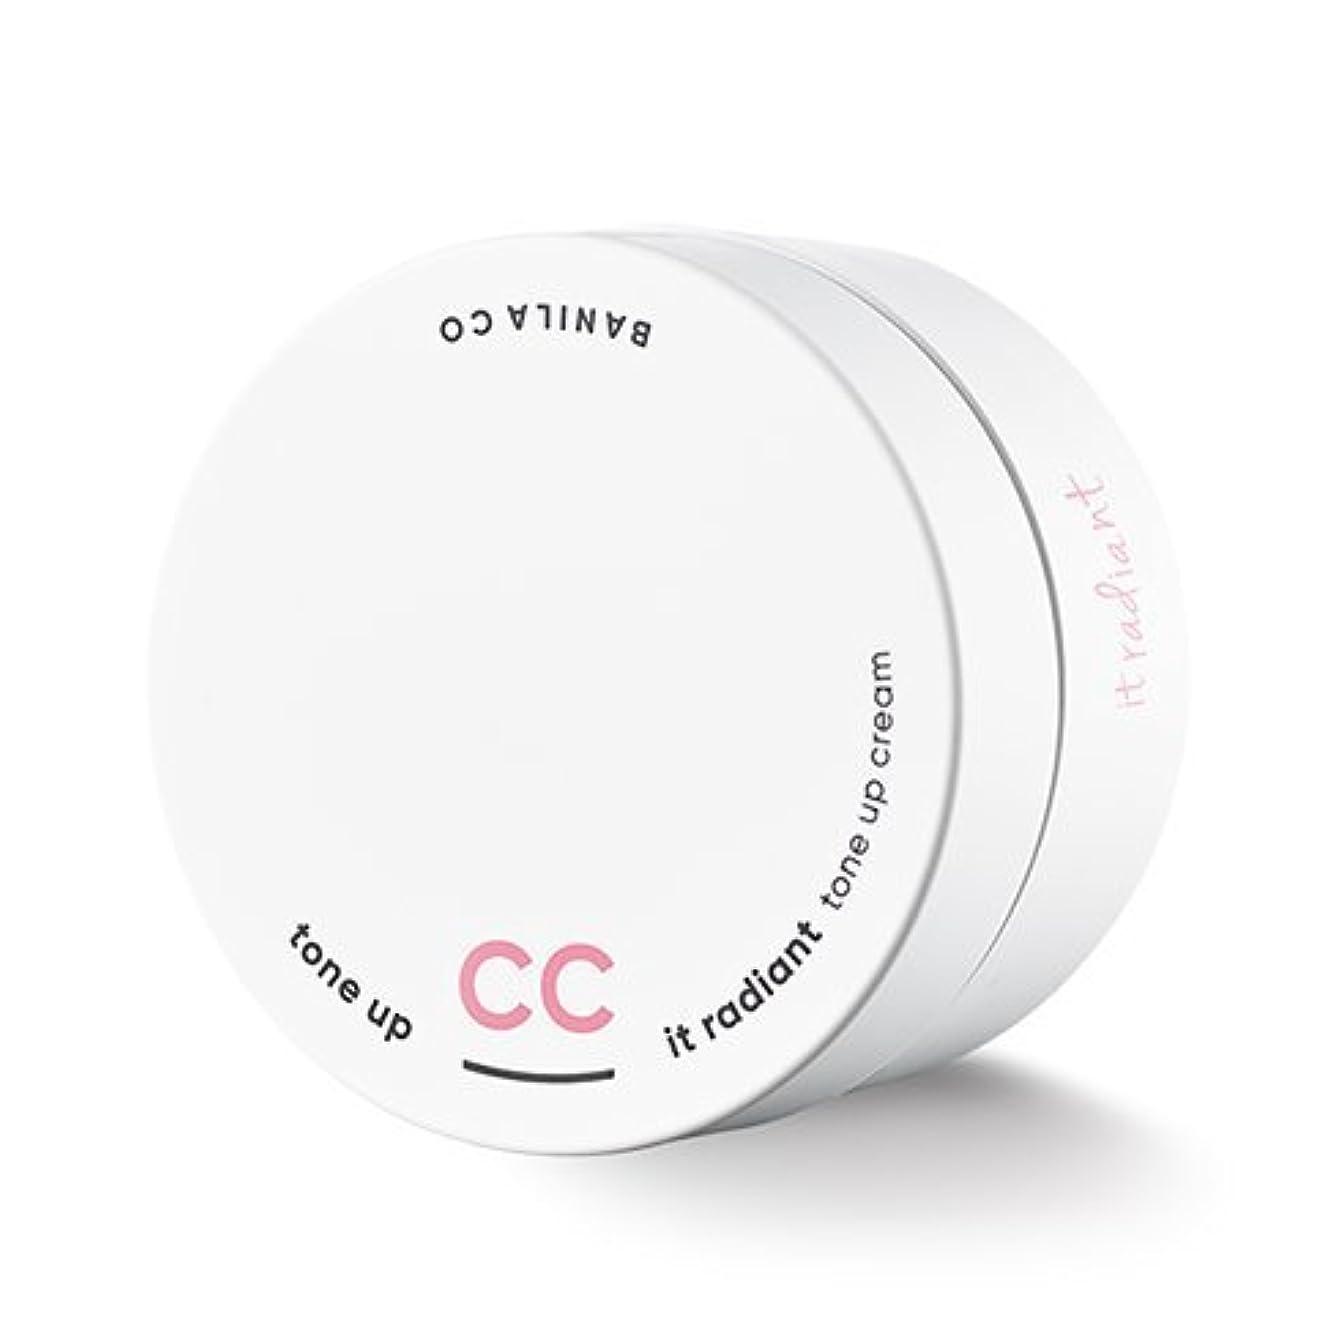 パンチ管理スティーブンソンBANILA CO It Radiant CC Tone Up Cream 50ml/バニラコ イット ラディアント CC トーンアップ クリーム 50ml [並行輸入品]